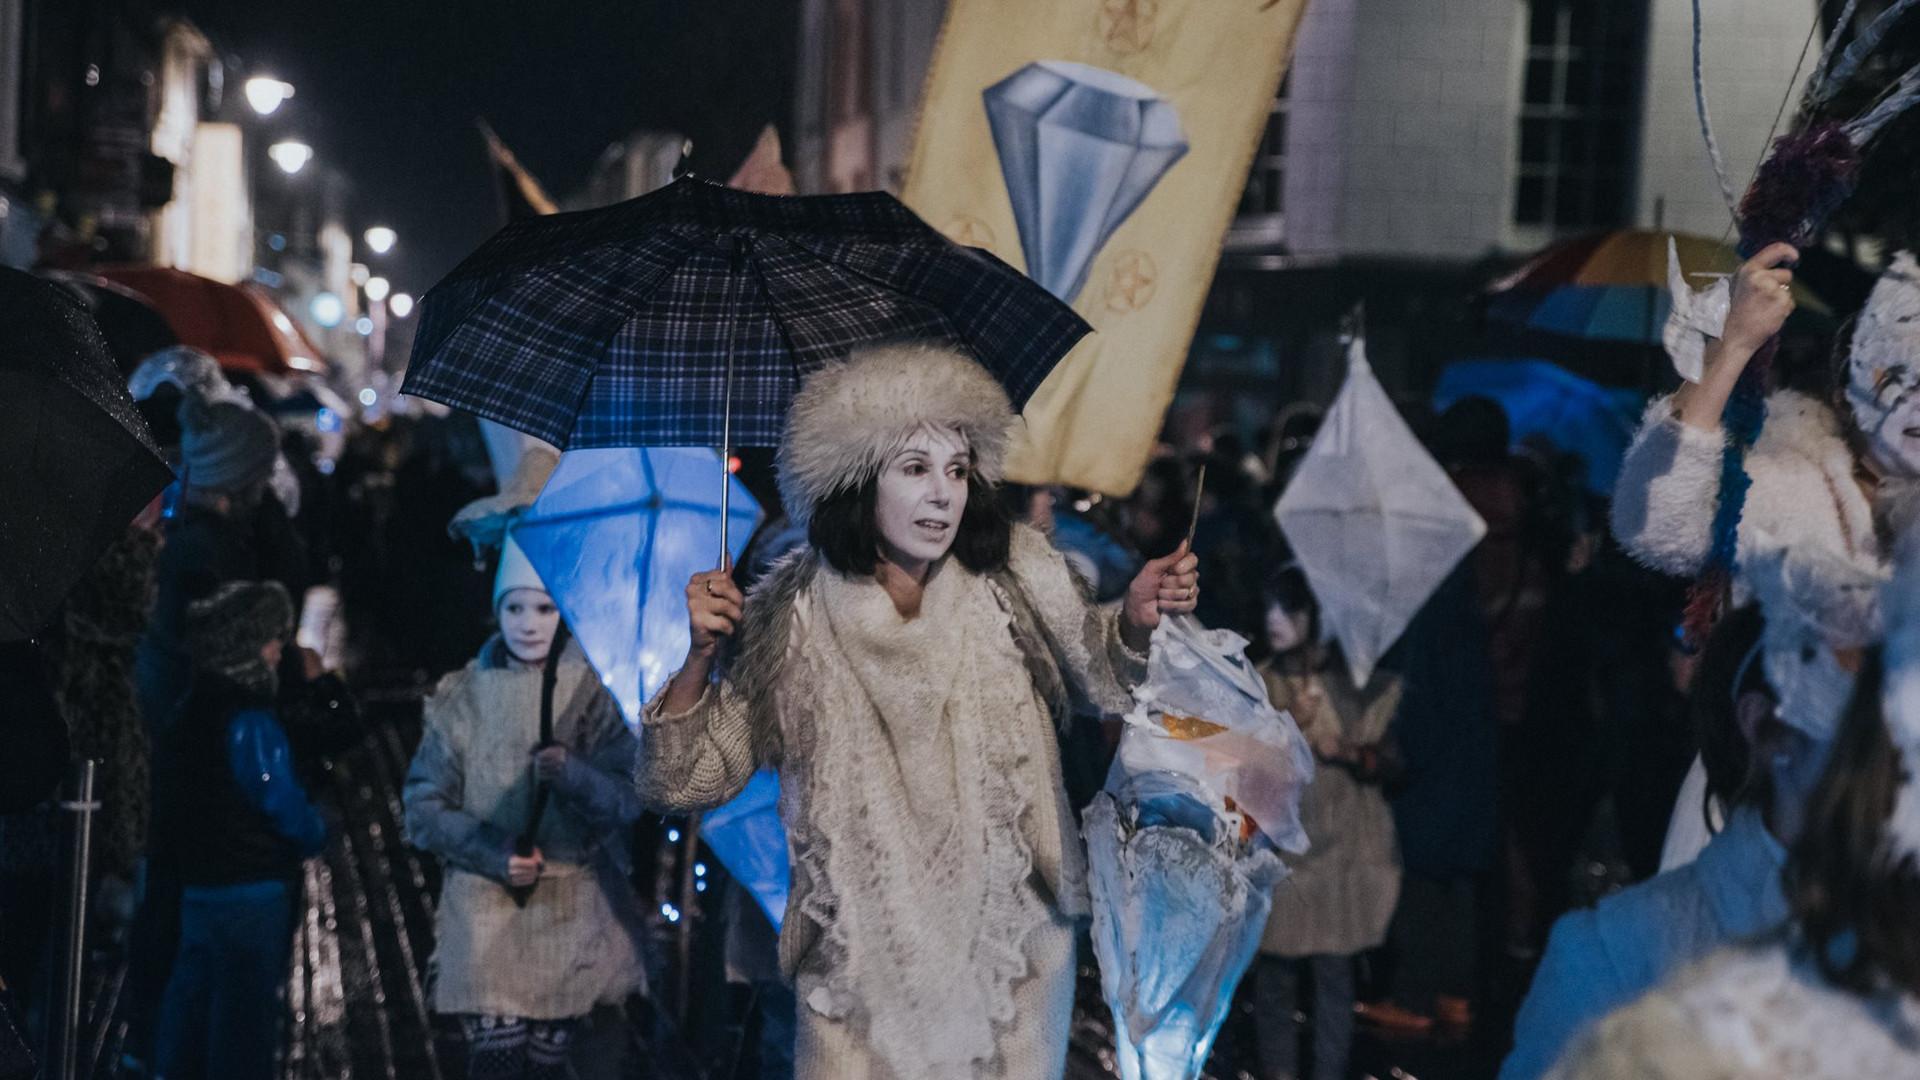 Samhain Parade, Clonakilty, Geata Arts, 2018